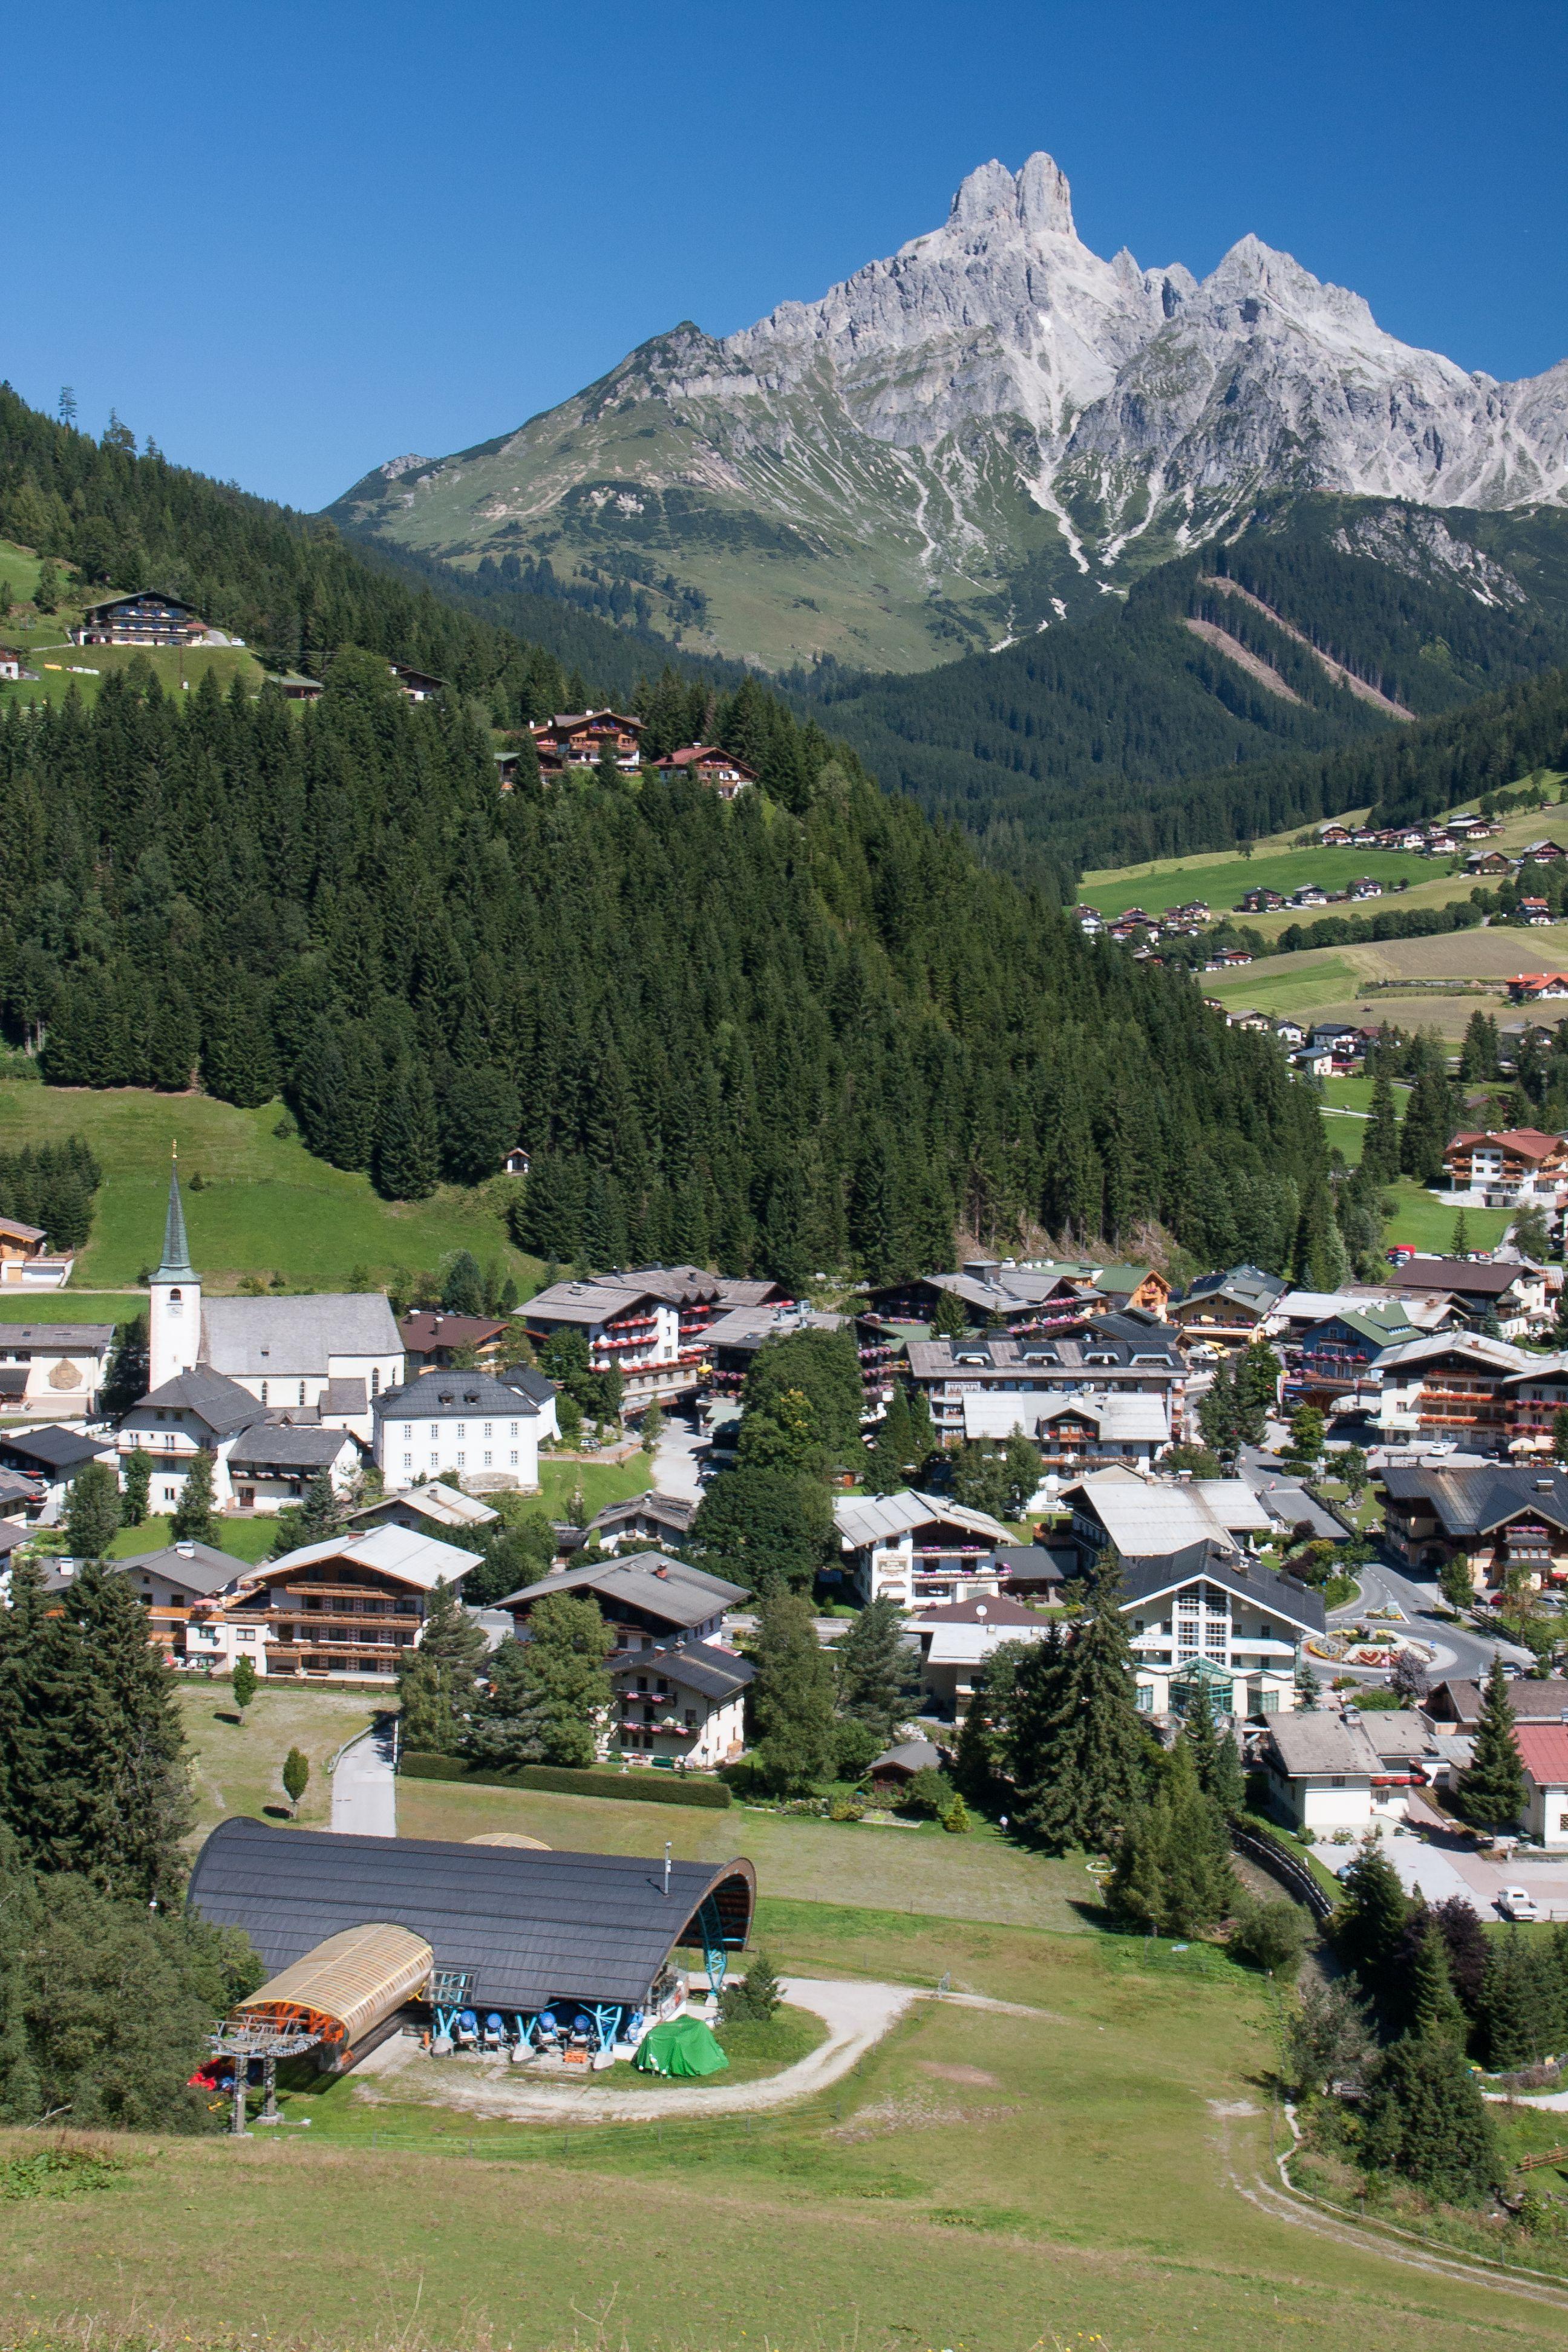 Das Bergdorf Filzmoos Mit Der Bischofsmutze Im Hintergrund Osterreich Urlaub Tourismus Urlaub